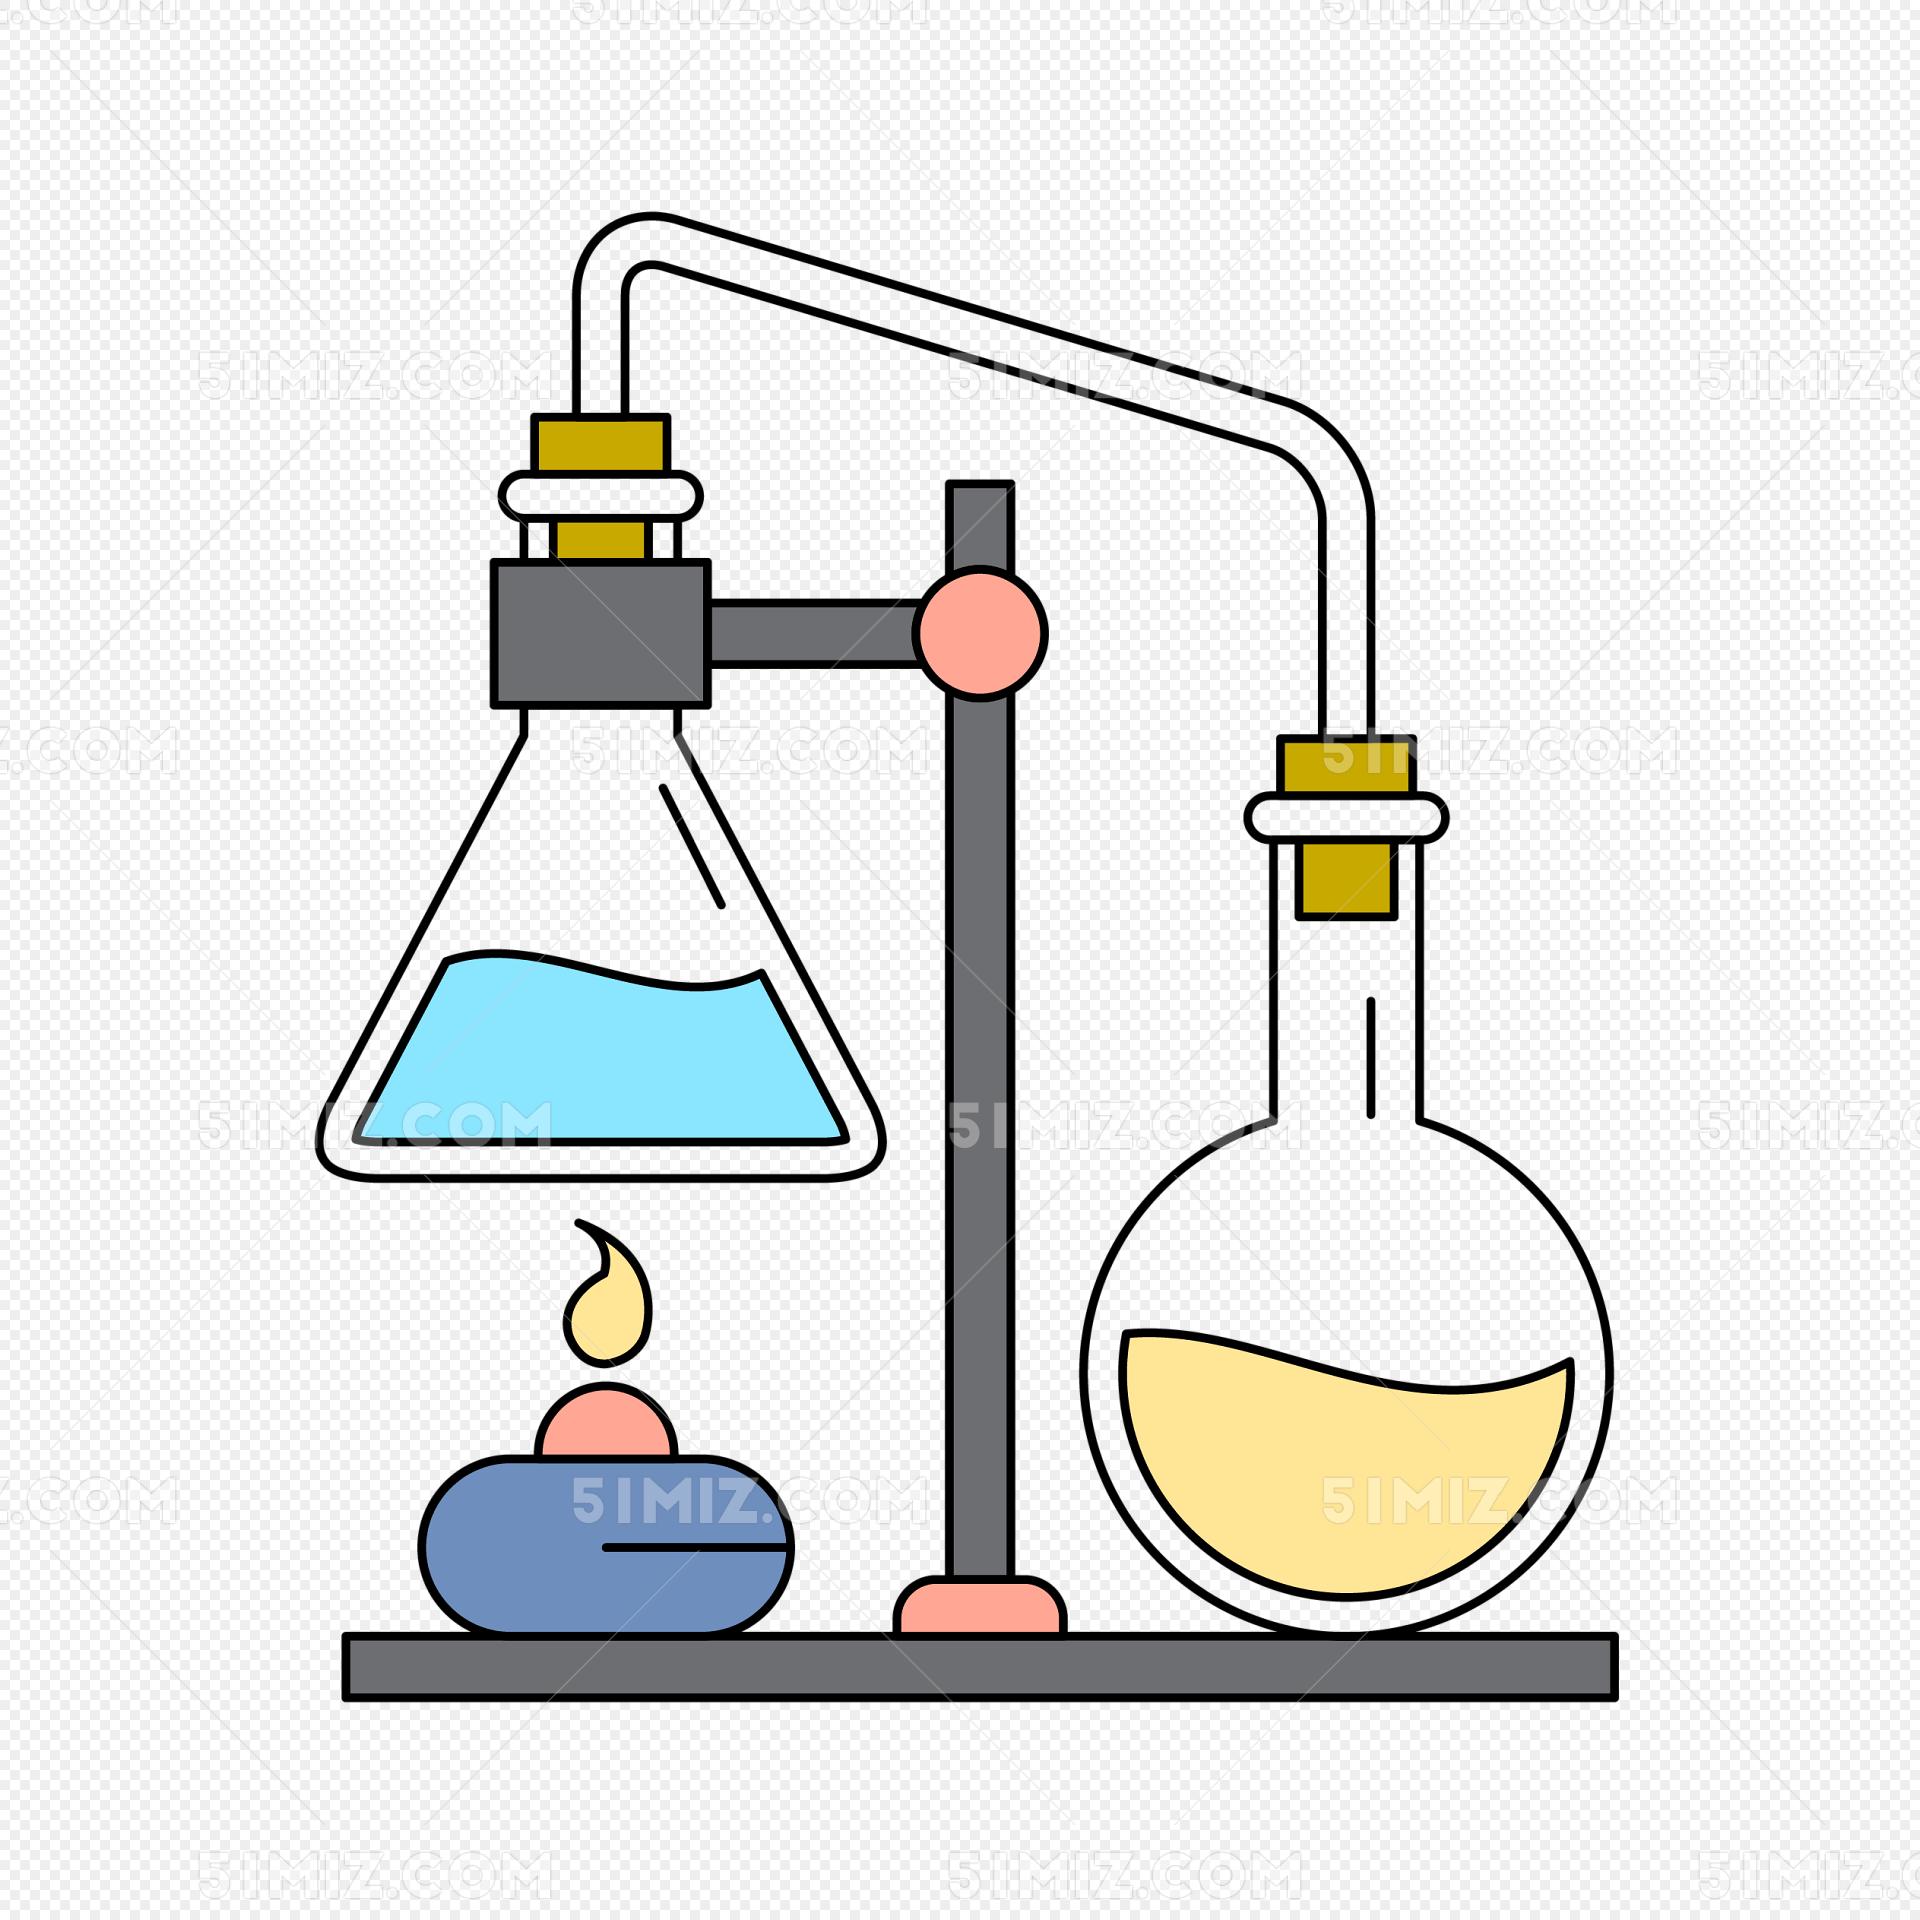 实验器材矢量插画